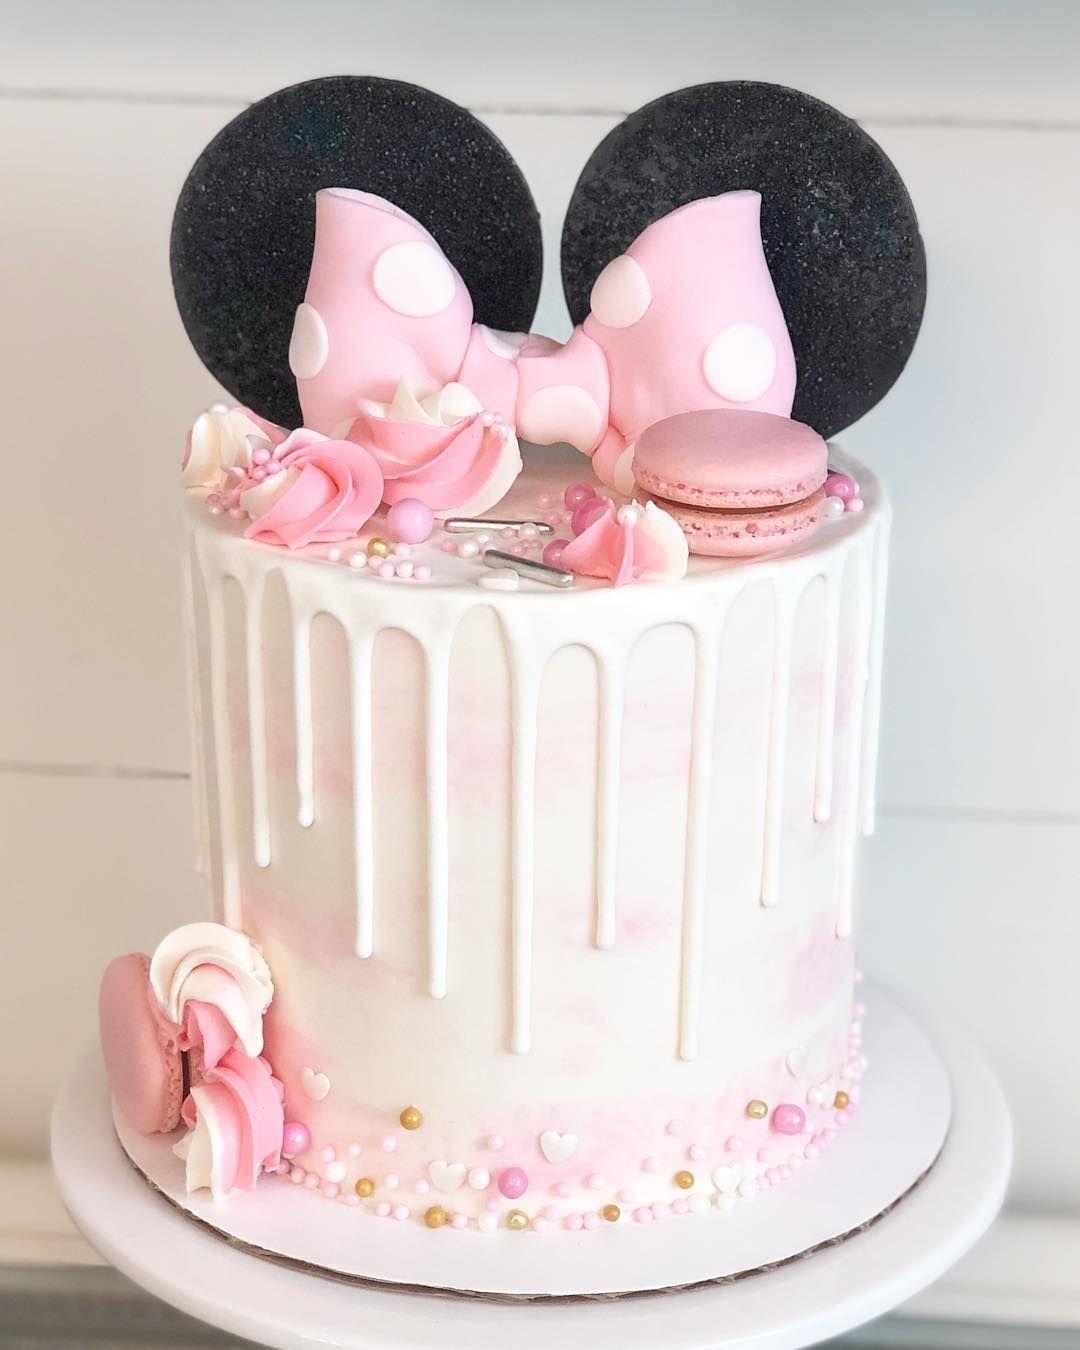 """Photo of Stephanie auf Instagram: """"Es ist Minnie! 💝 Dieser Kuchen wurde für meine Nichte gemacht, die gerade 8 geworden ist. Ihre Eltern überraschten sie mit einem Ausflug nach Disneyland und benutzten meinen Kuchen, um… """""""